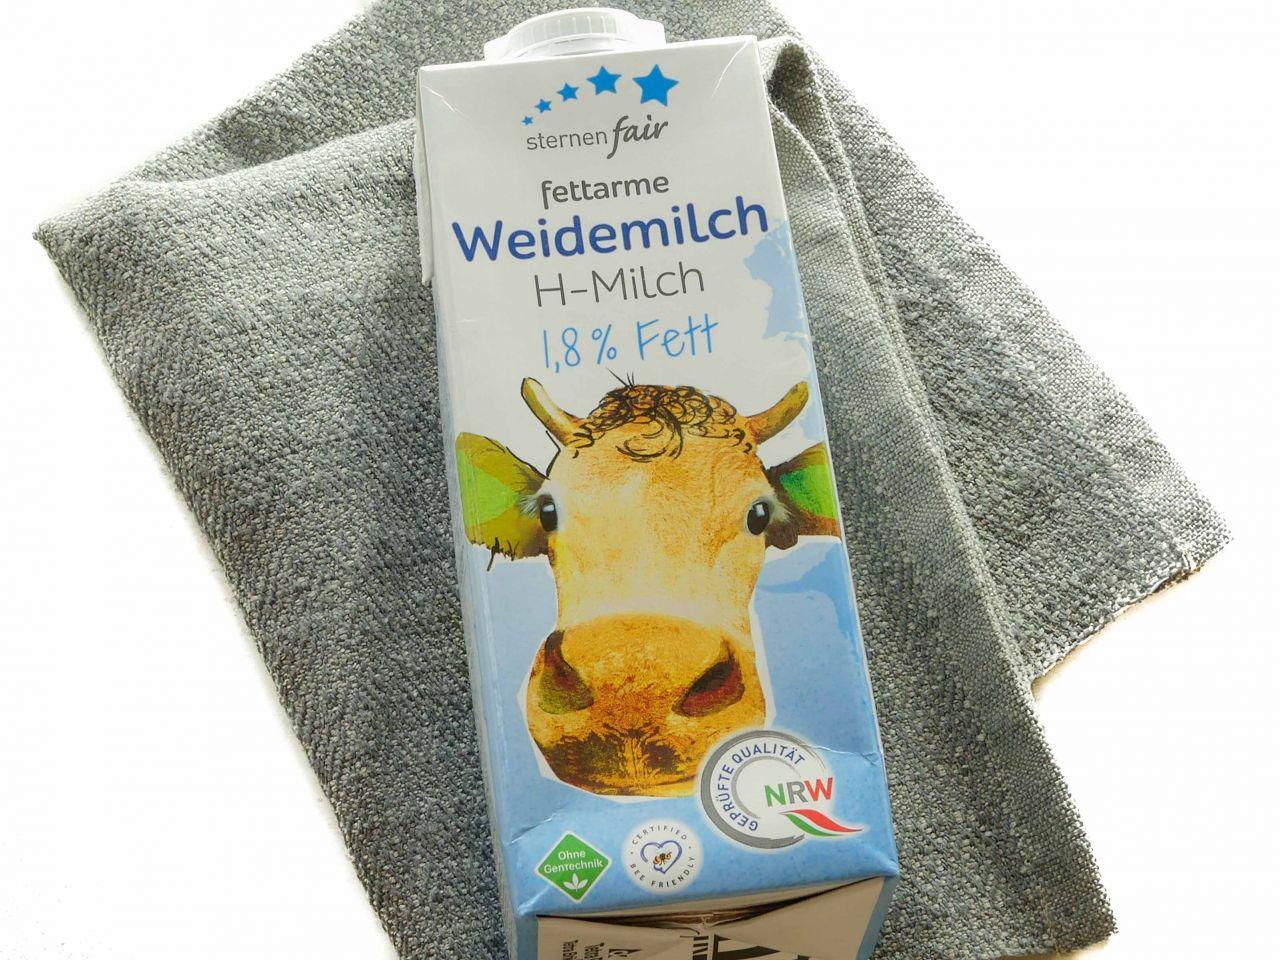 Weidemilch (H - Milch), 1,8% Fett